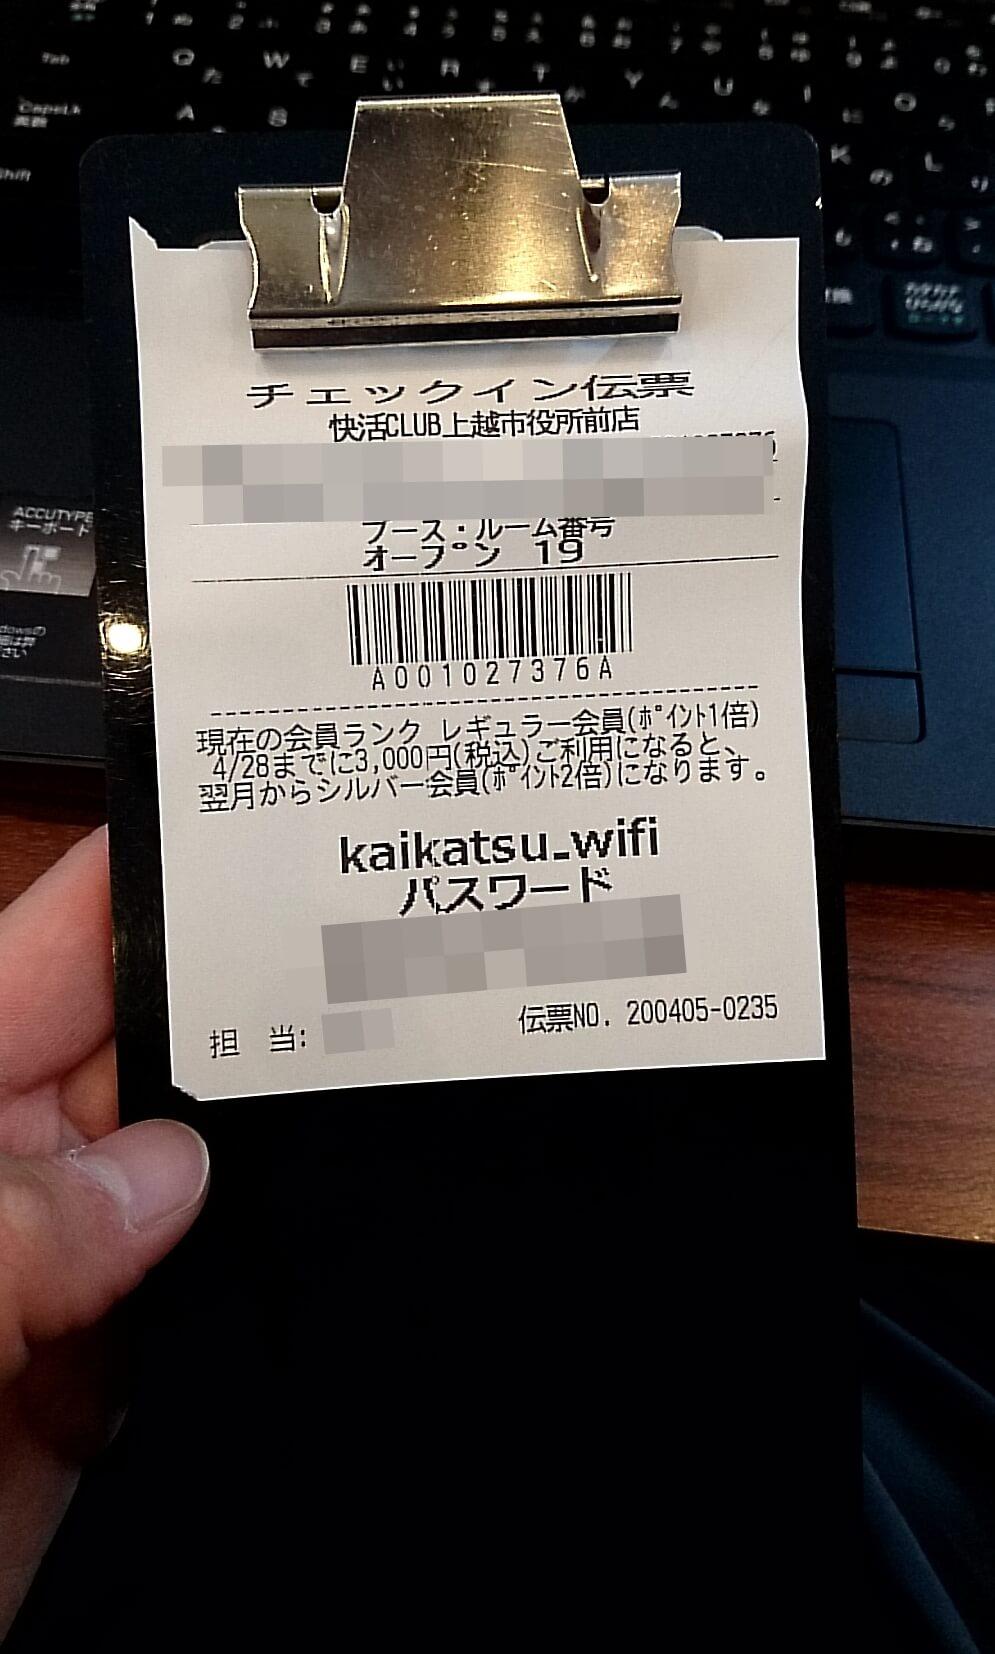 2-2 バインダーのWi-Fiパスワードが記載ありです。